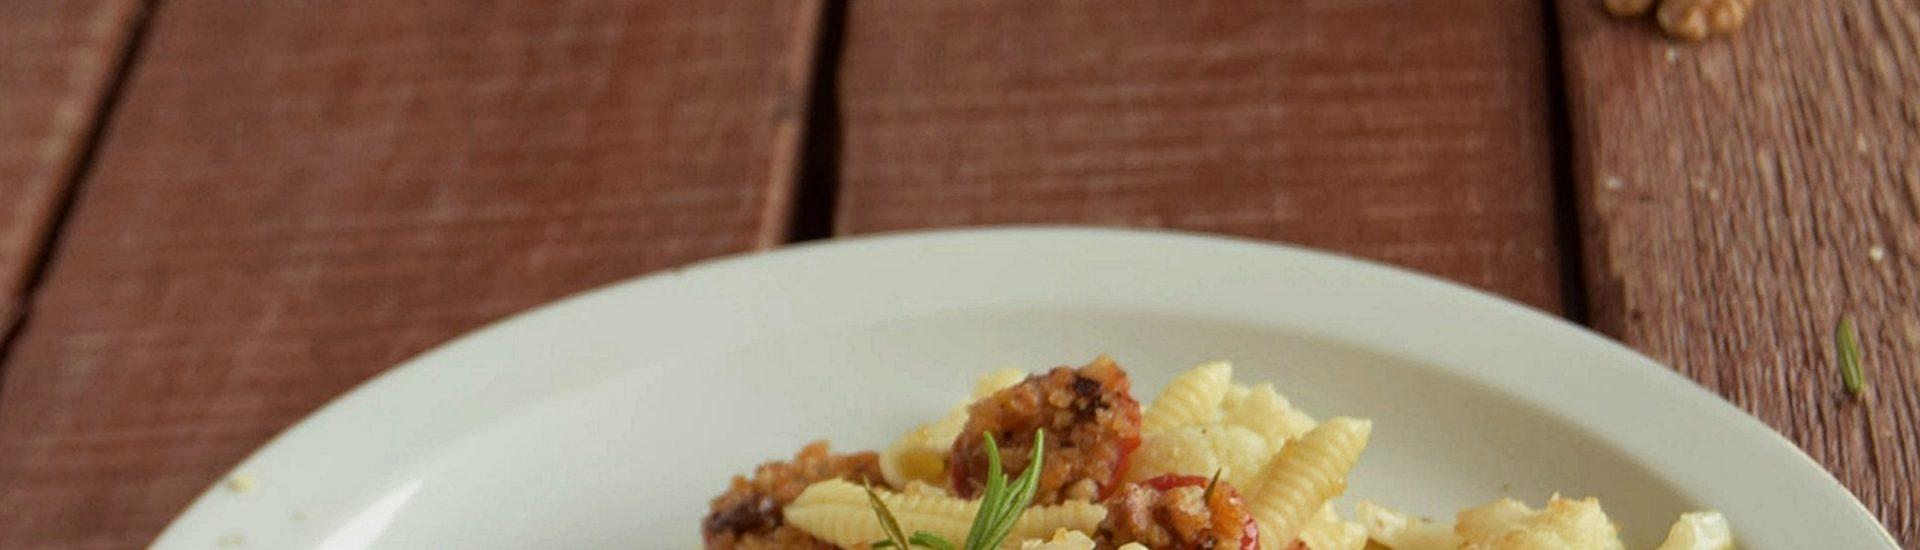 Garganelli con pomodorini al forno con le noci e cavolfiore